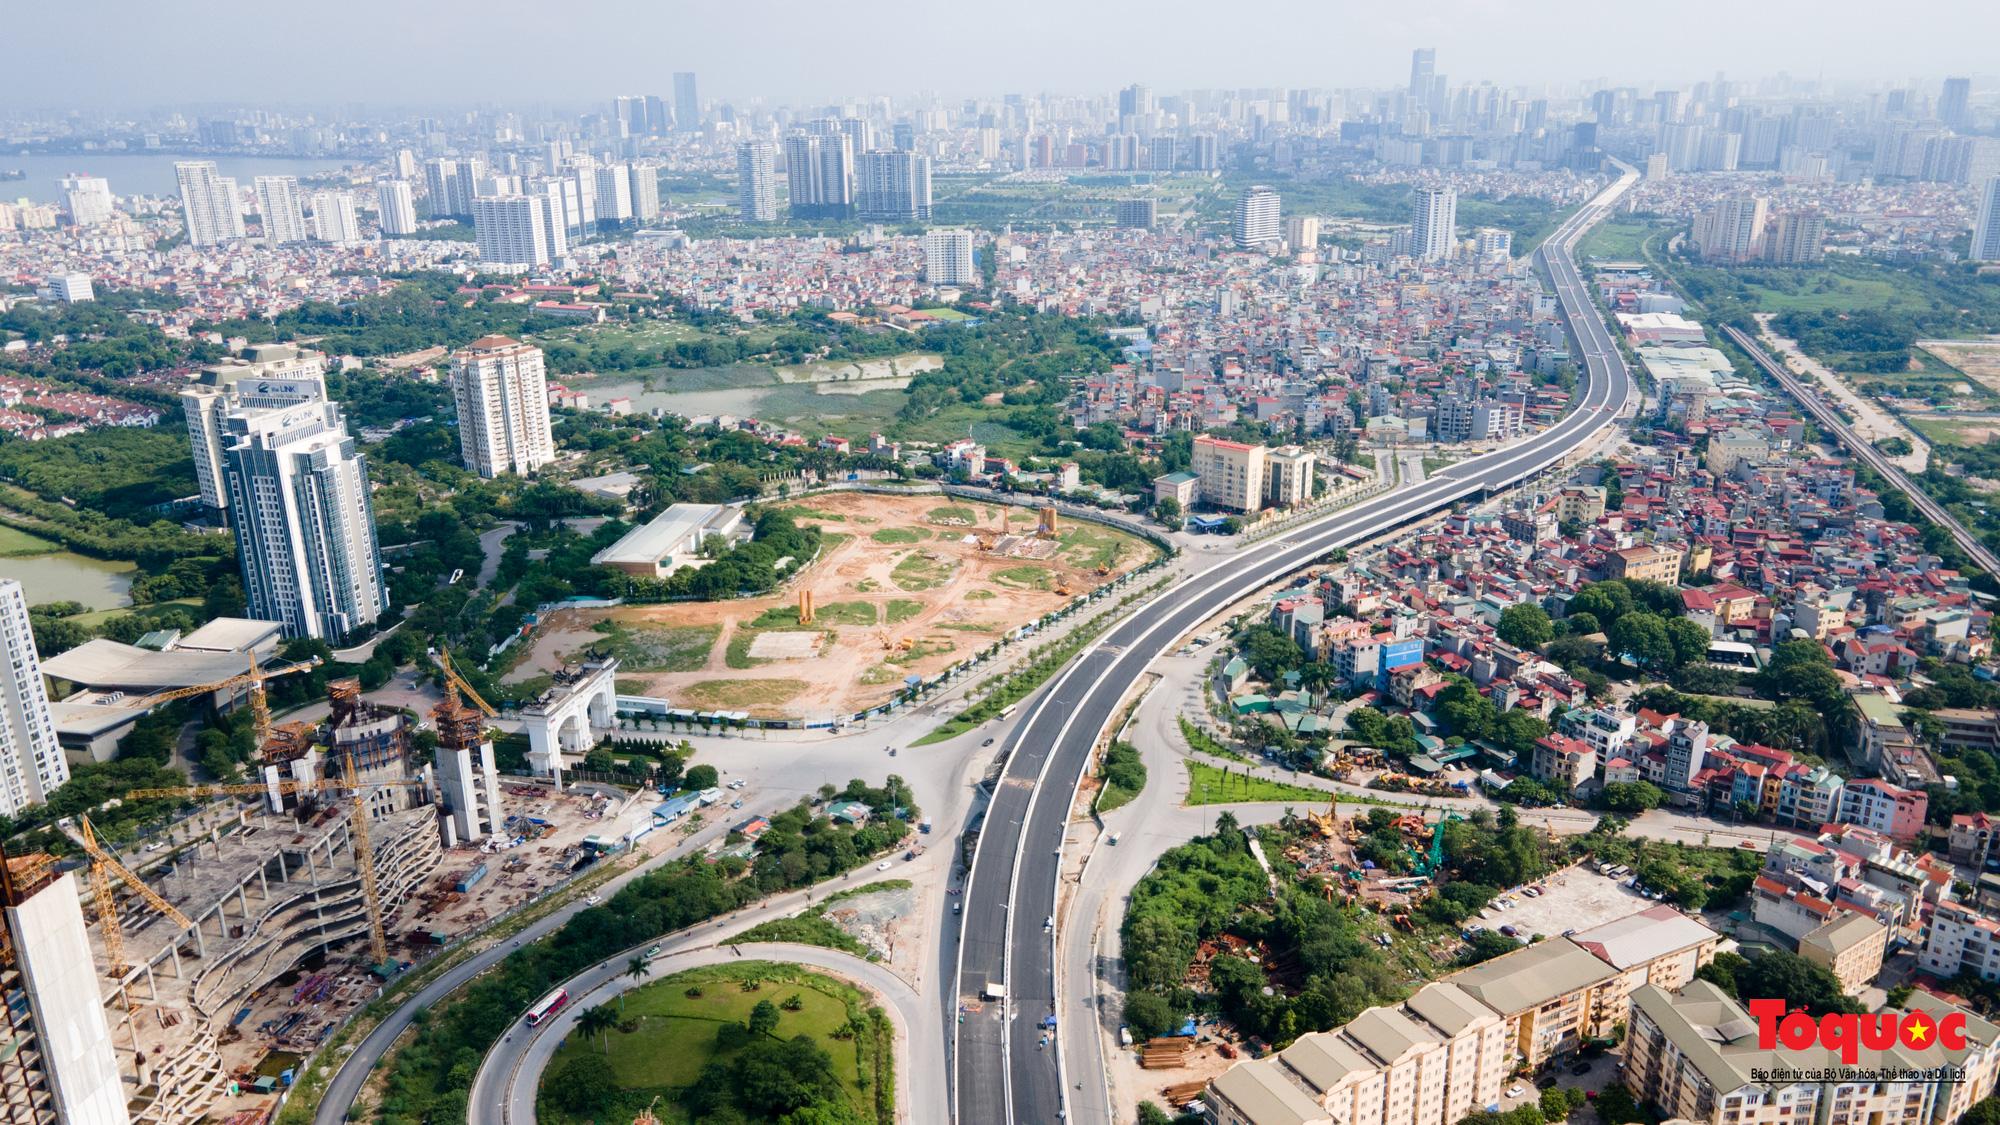 Dấu ấn những công trình giao thông tạo nên diện mạo mới cho Thủ đô Hà Nội năm 2020 - Ảnh 19.